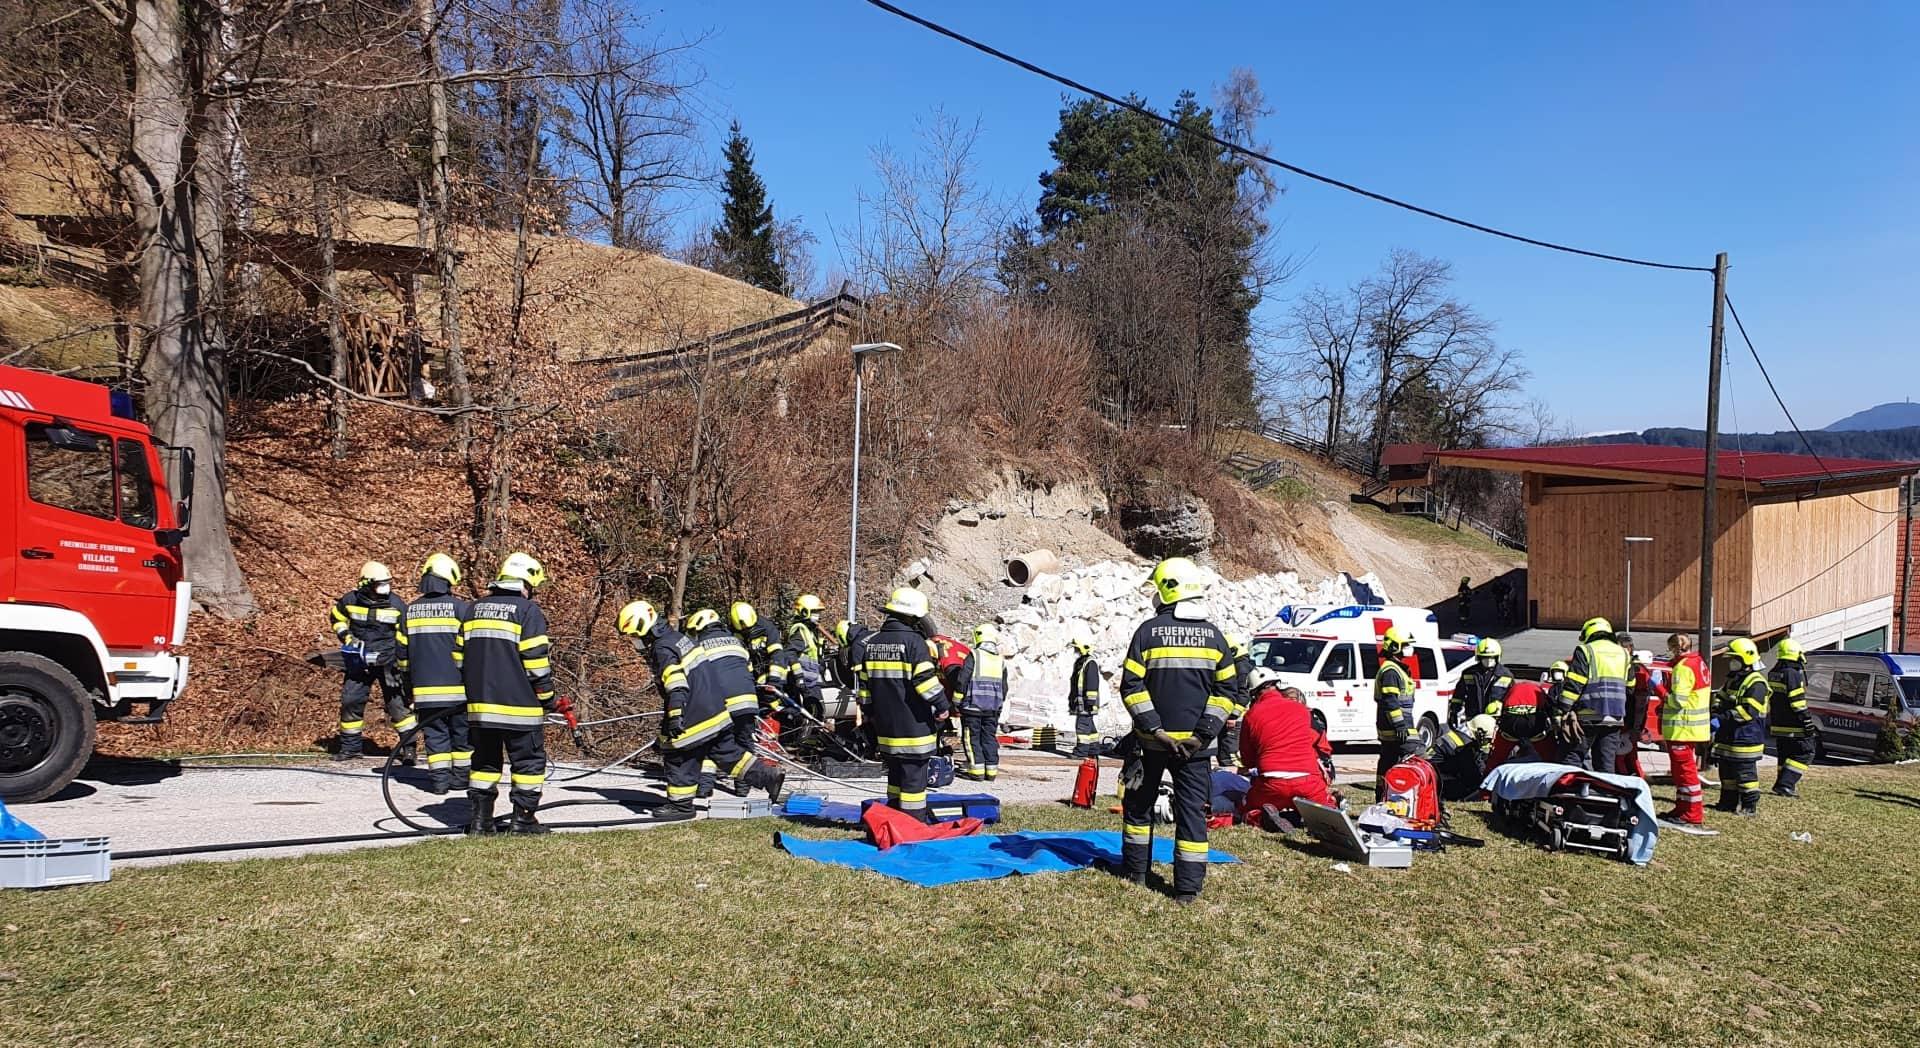 Schwerer Verkehrsunfall im Stadtteil St. Niklas